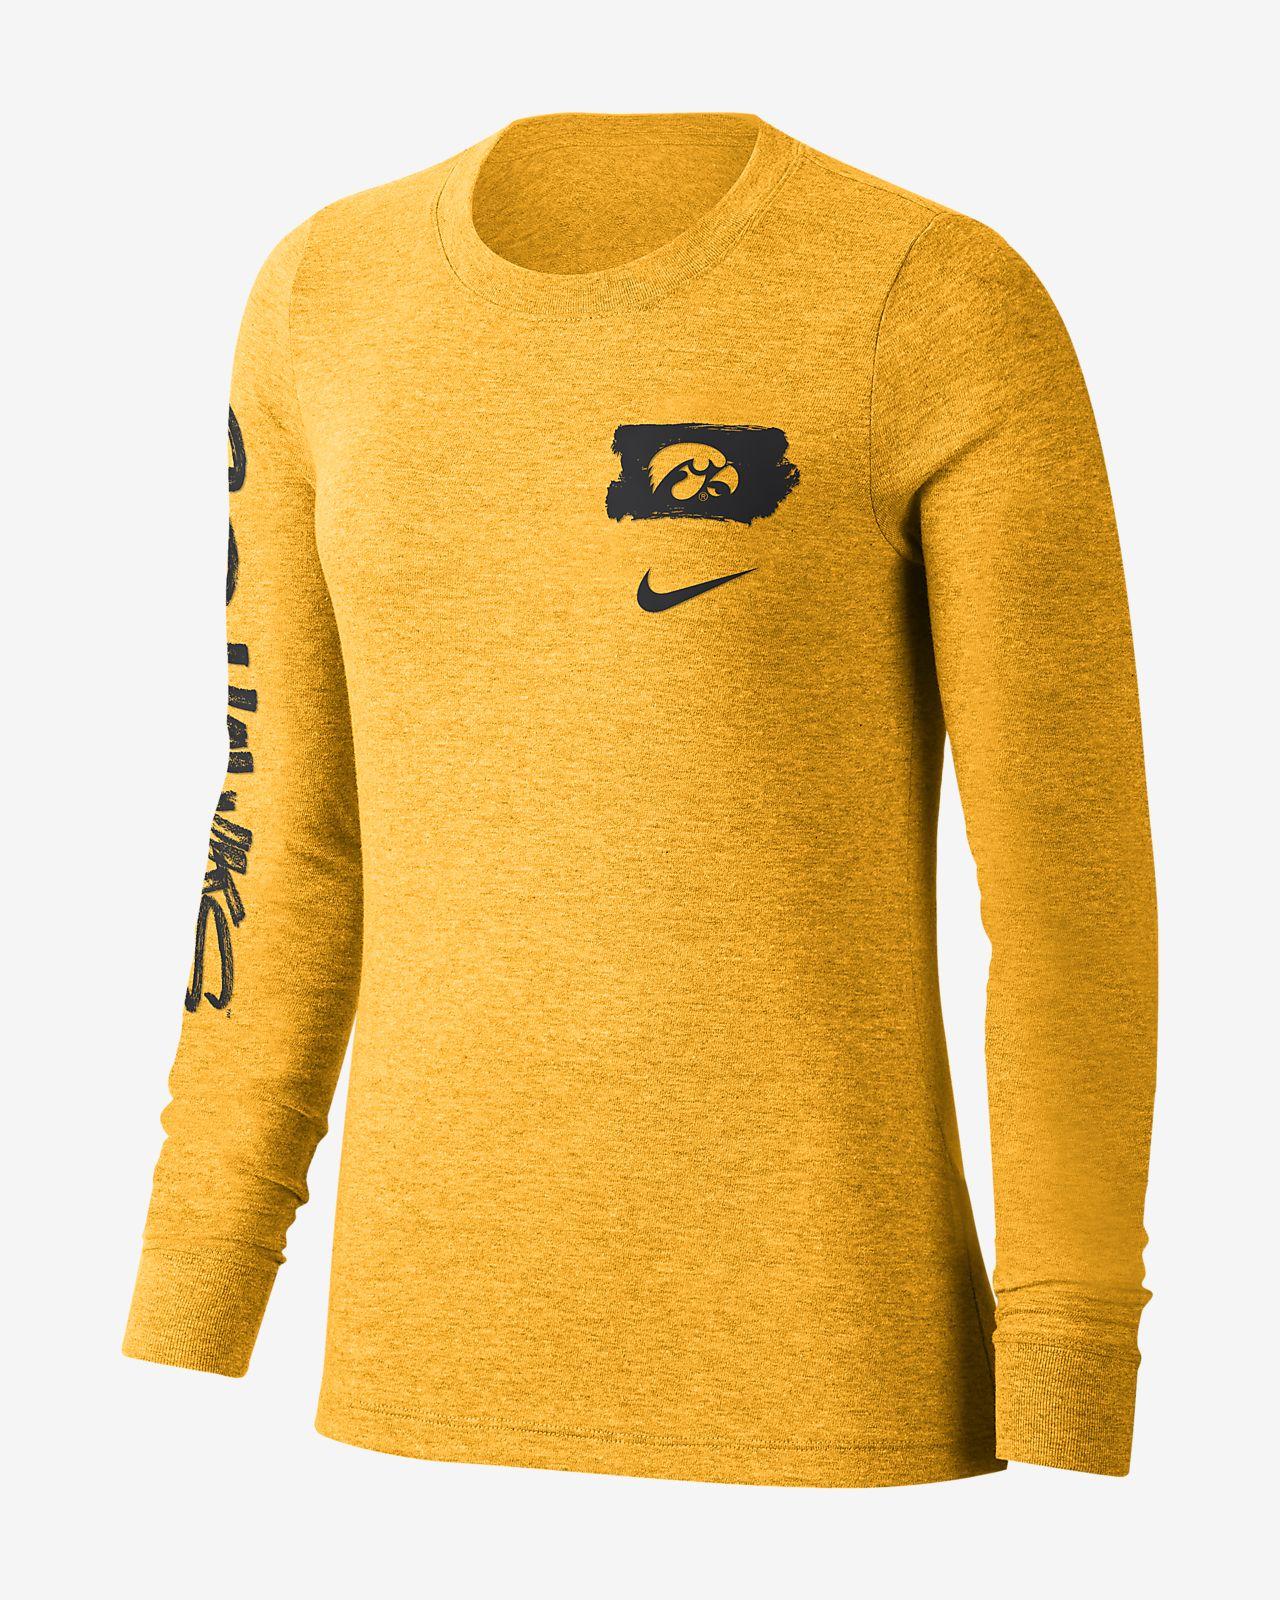 Nike College (Iowa) Women's Long-Sleeve T-Shirt